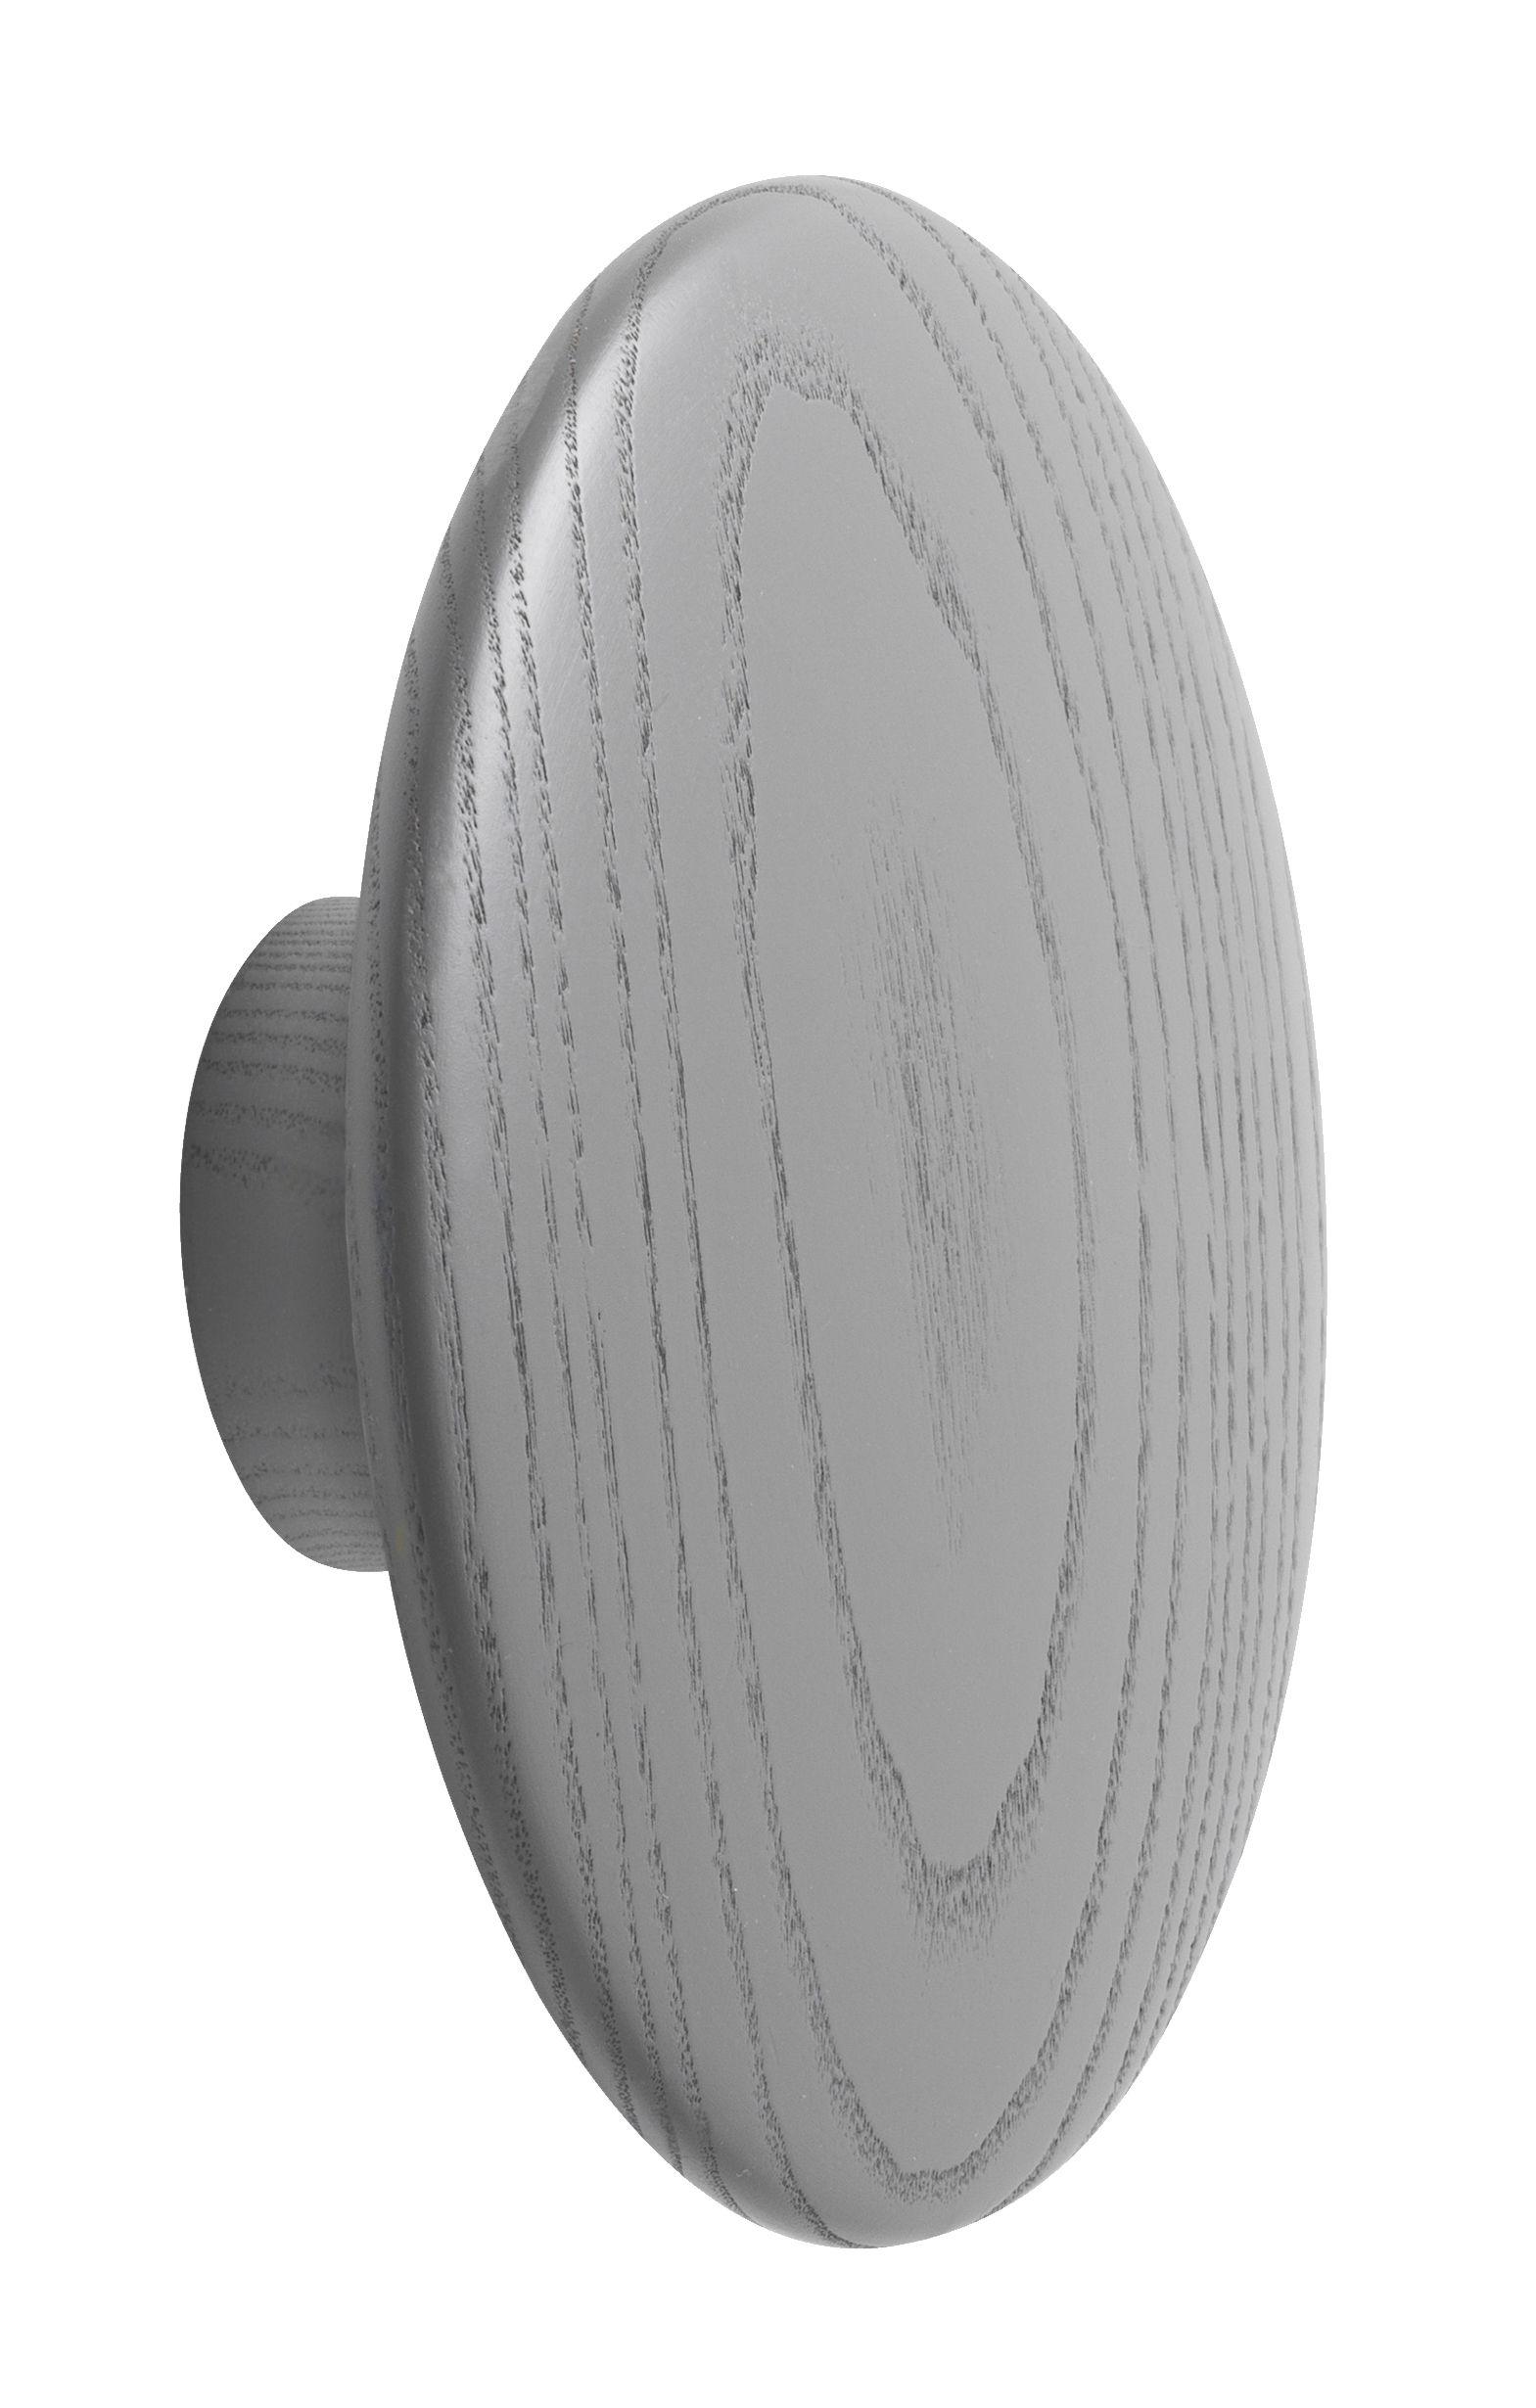 Mobilier - Portemanteaux, patères & portants - Patère The dots / Large - Ø 17 cm - Muuto - Gris foncé - Frêne teinté